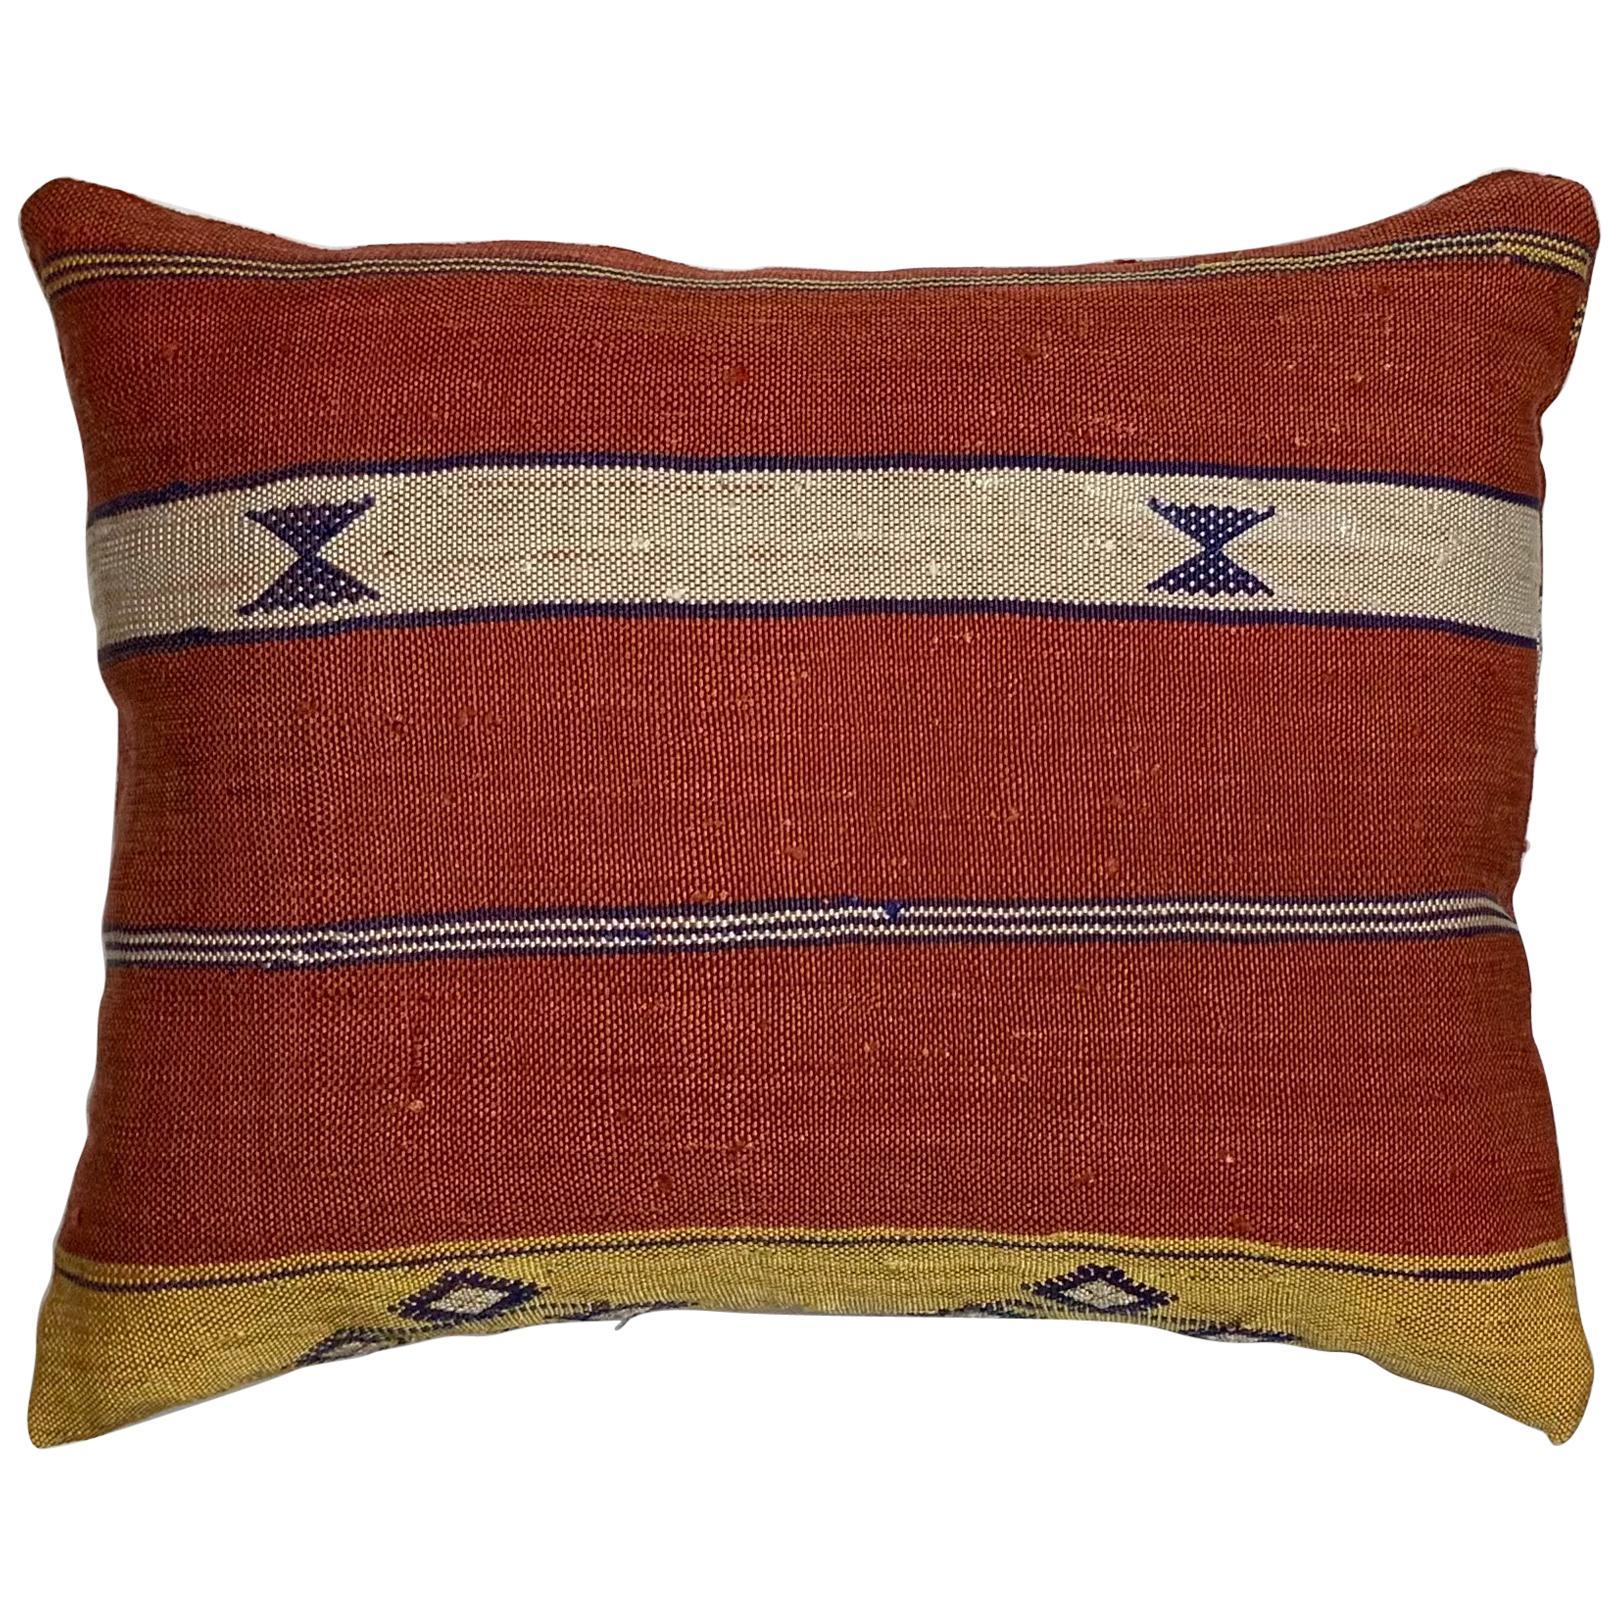 Single Cactus Silk Pillow